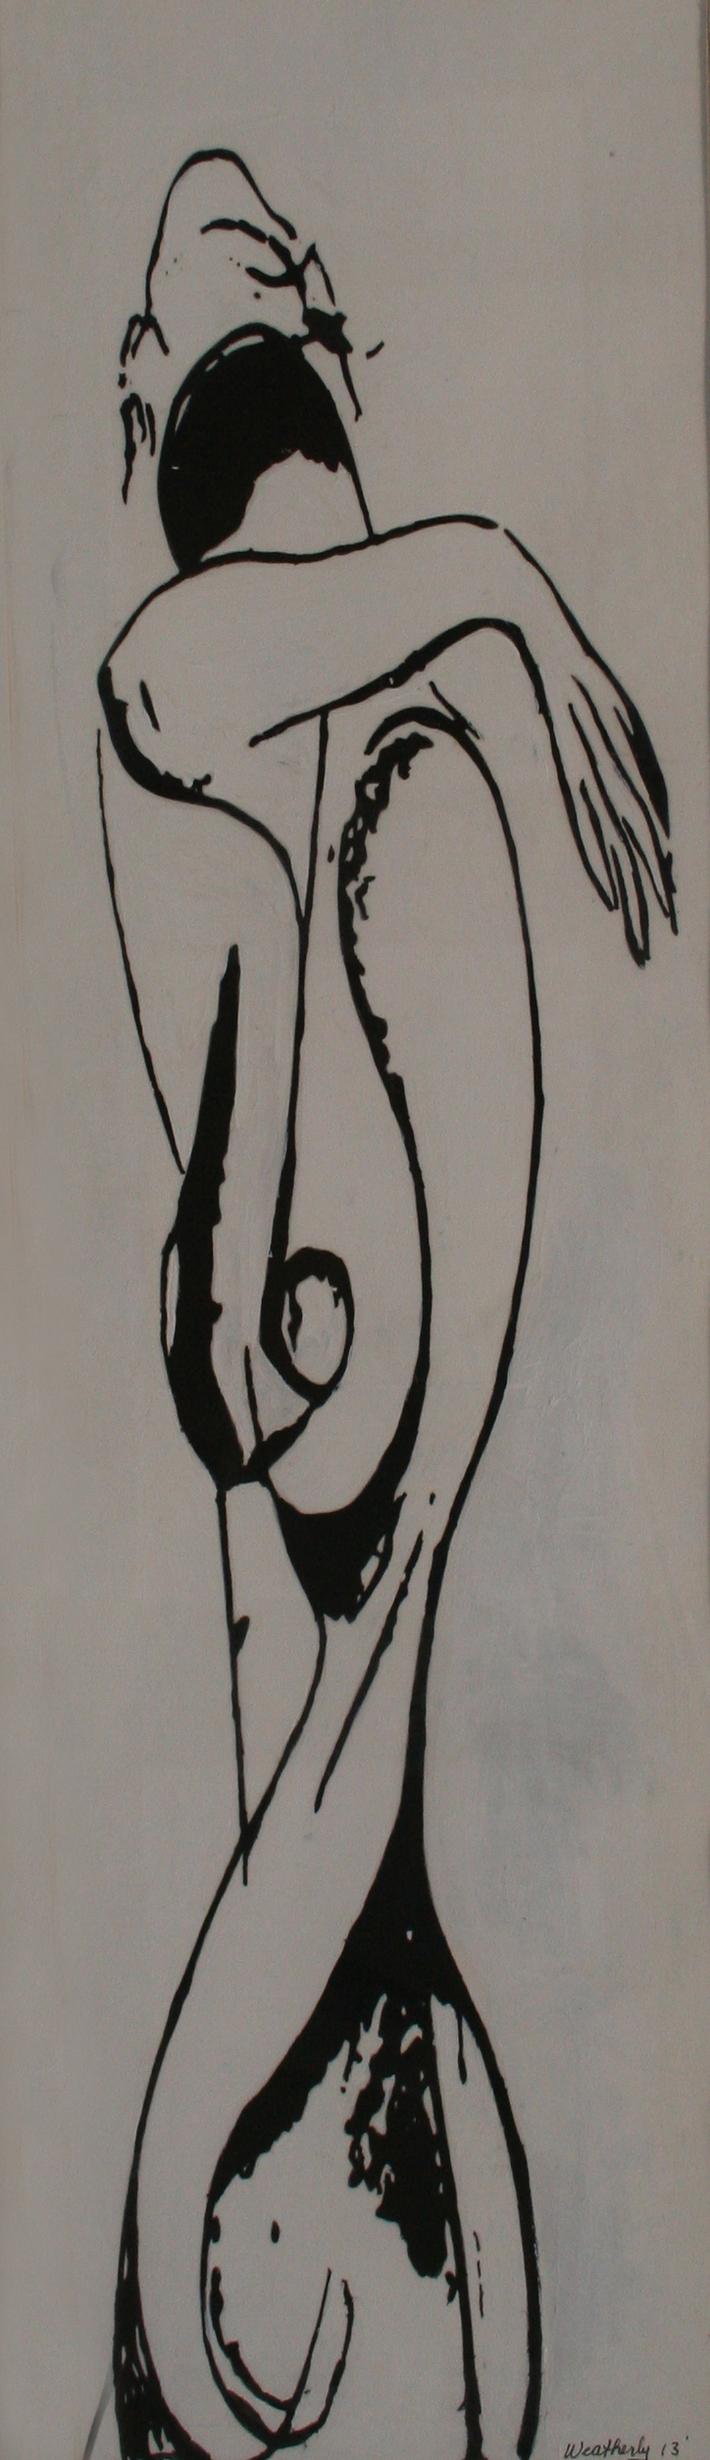 Woman Gesture #2-2013